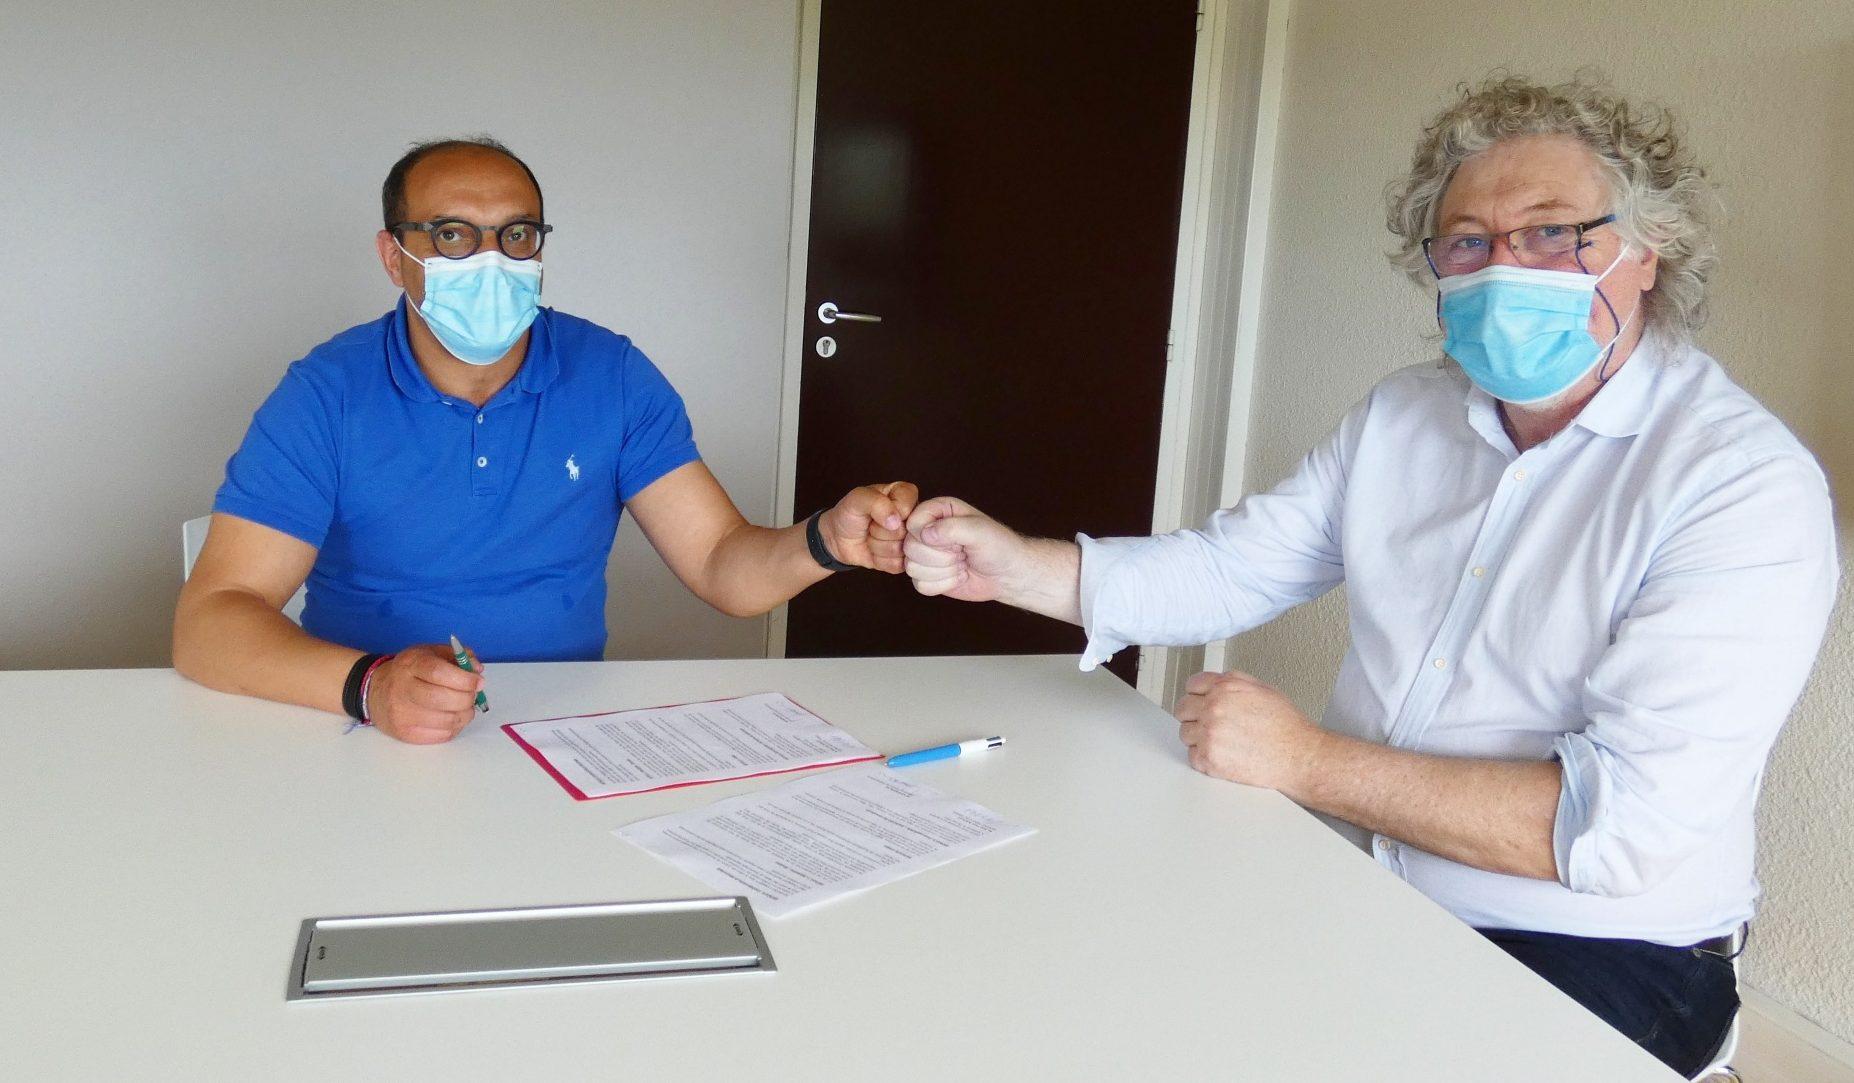 Nouvelle collaboration:  Coopemploi et l'IFRASS – Campus Louis Lareng deviennent partenaires.